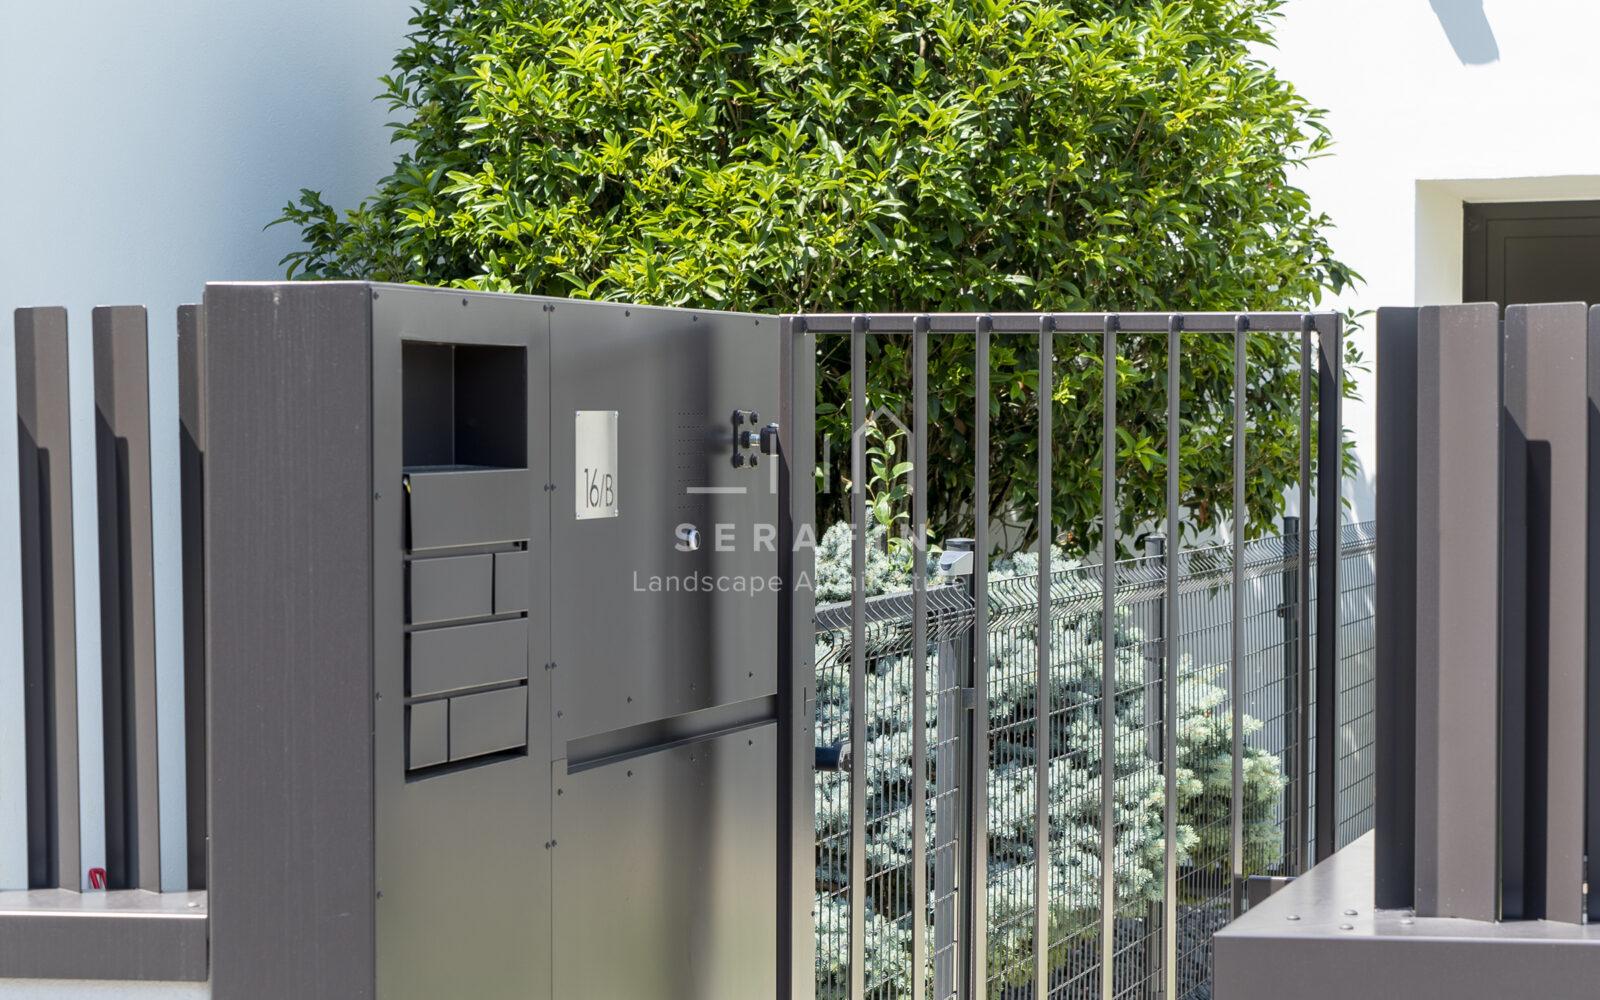 progettazione di un giardino privato a Sacile - 12